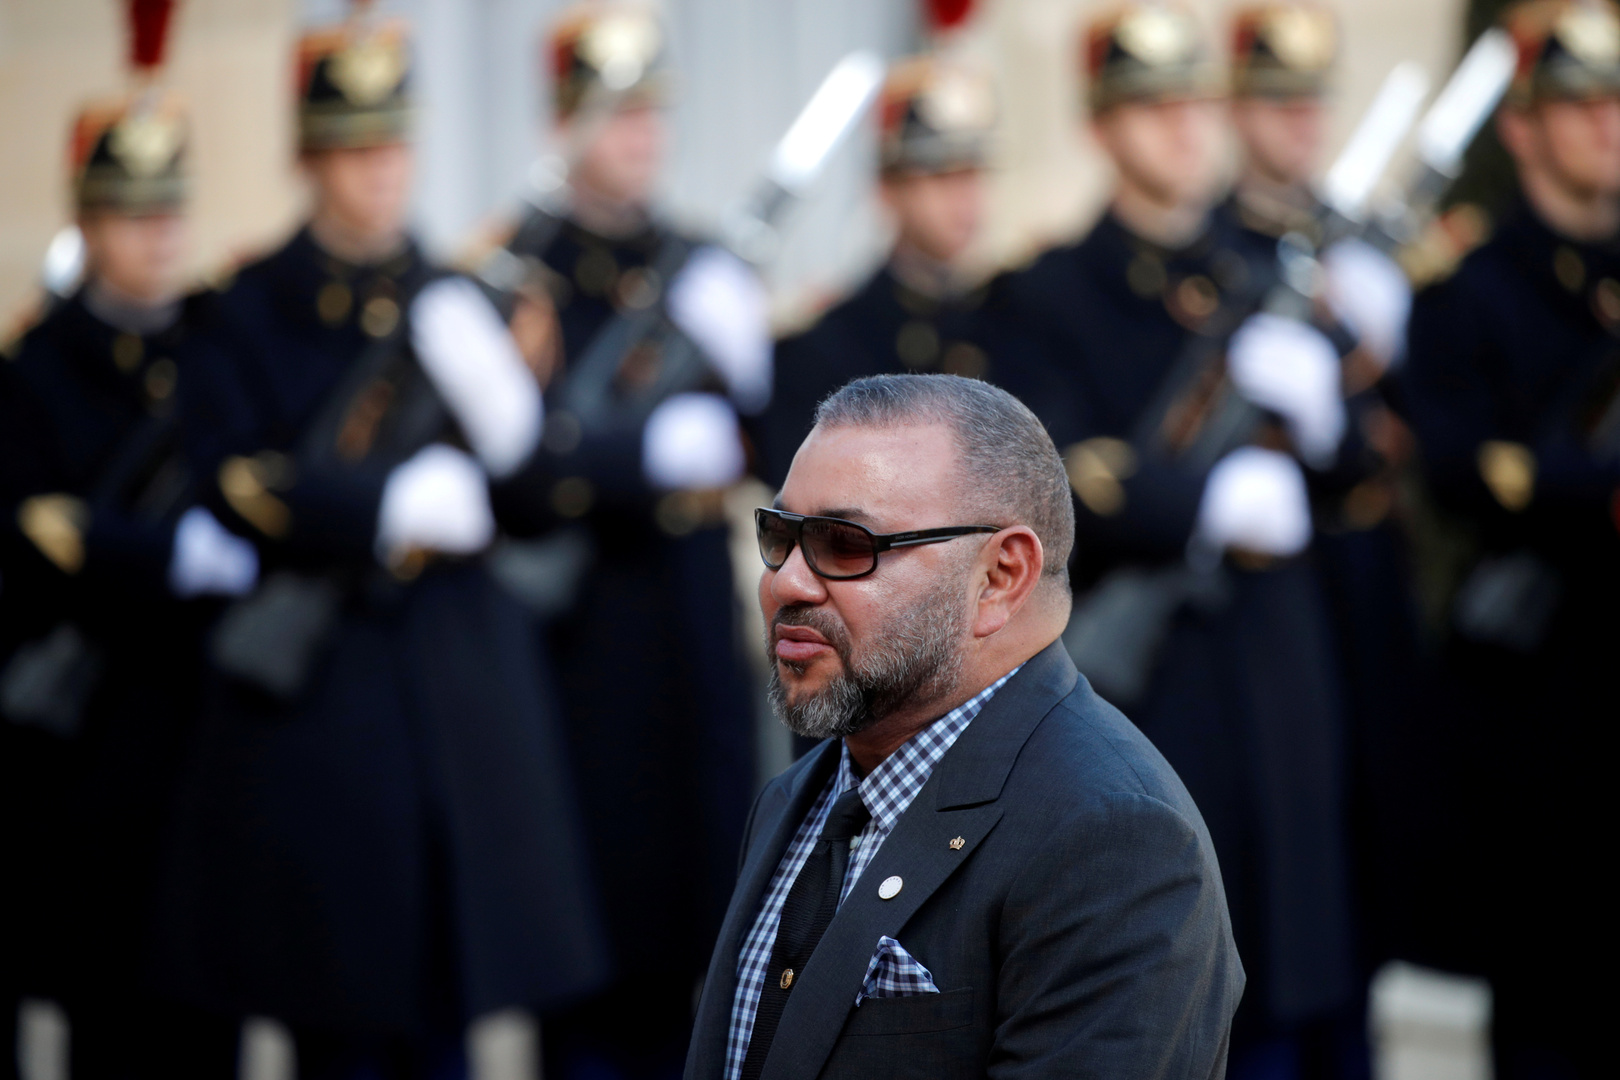 للمرة الأولى منذ الأزمة بين المملكتين.. الملك الإسباني يوجه رسالة للعاهل المغربي